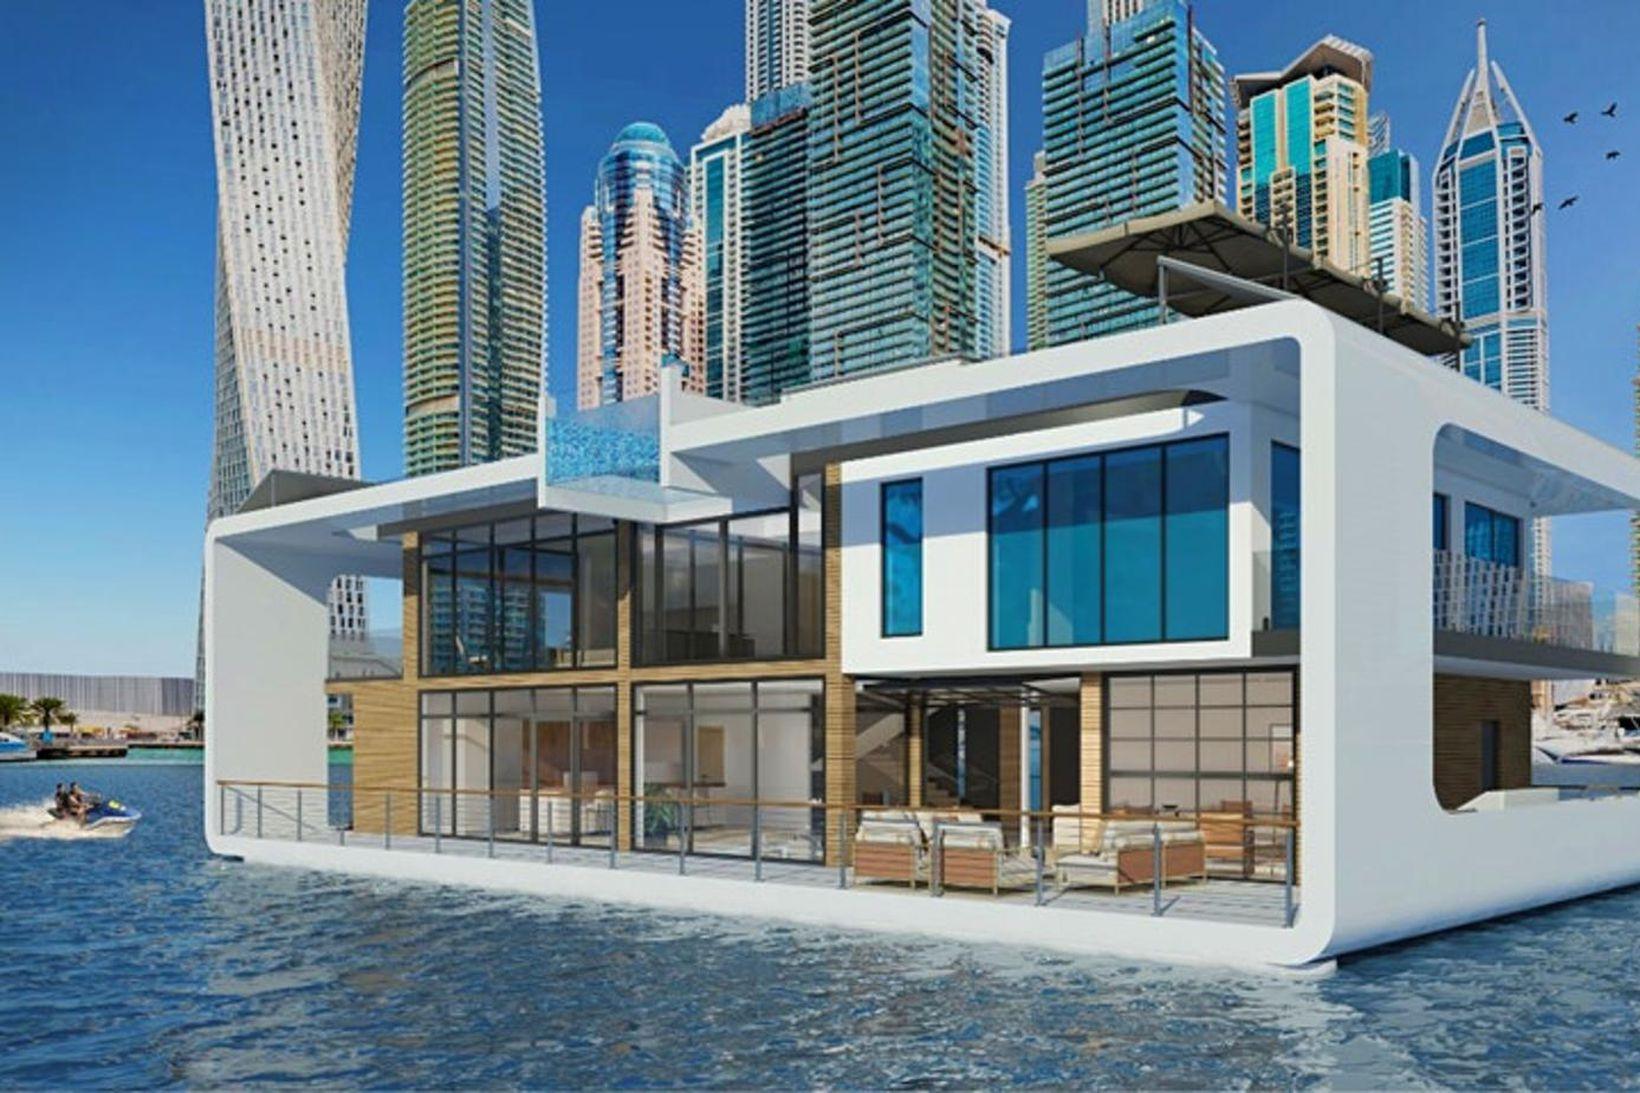 Lúxushótelið mun fljóta í höfninni við Dubai.